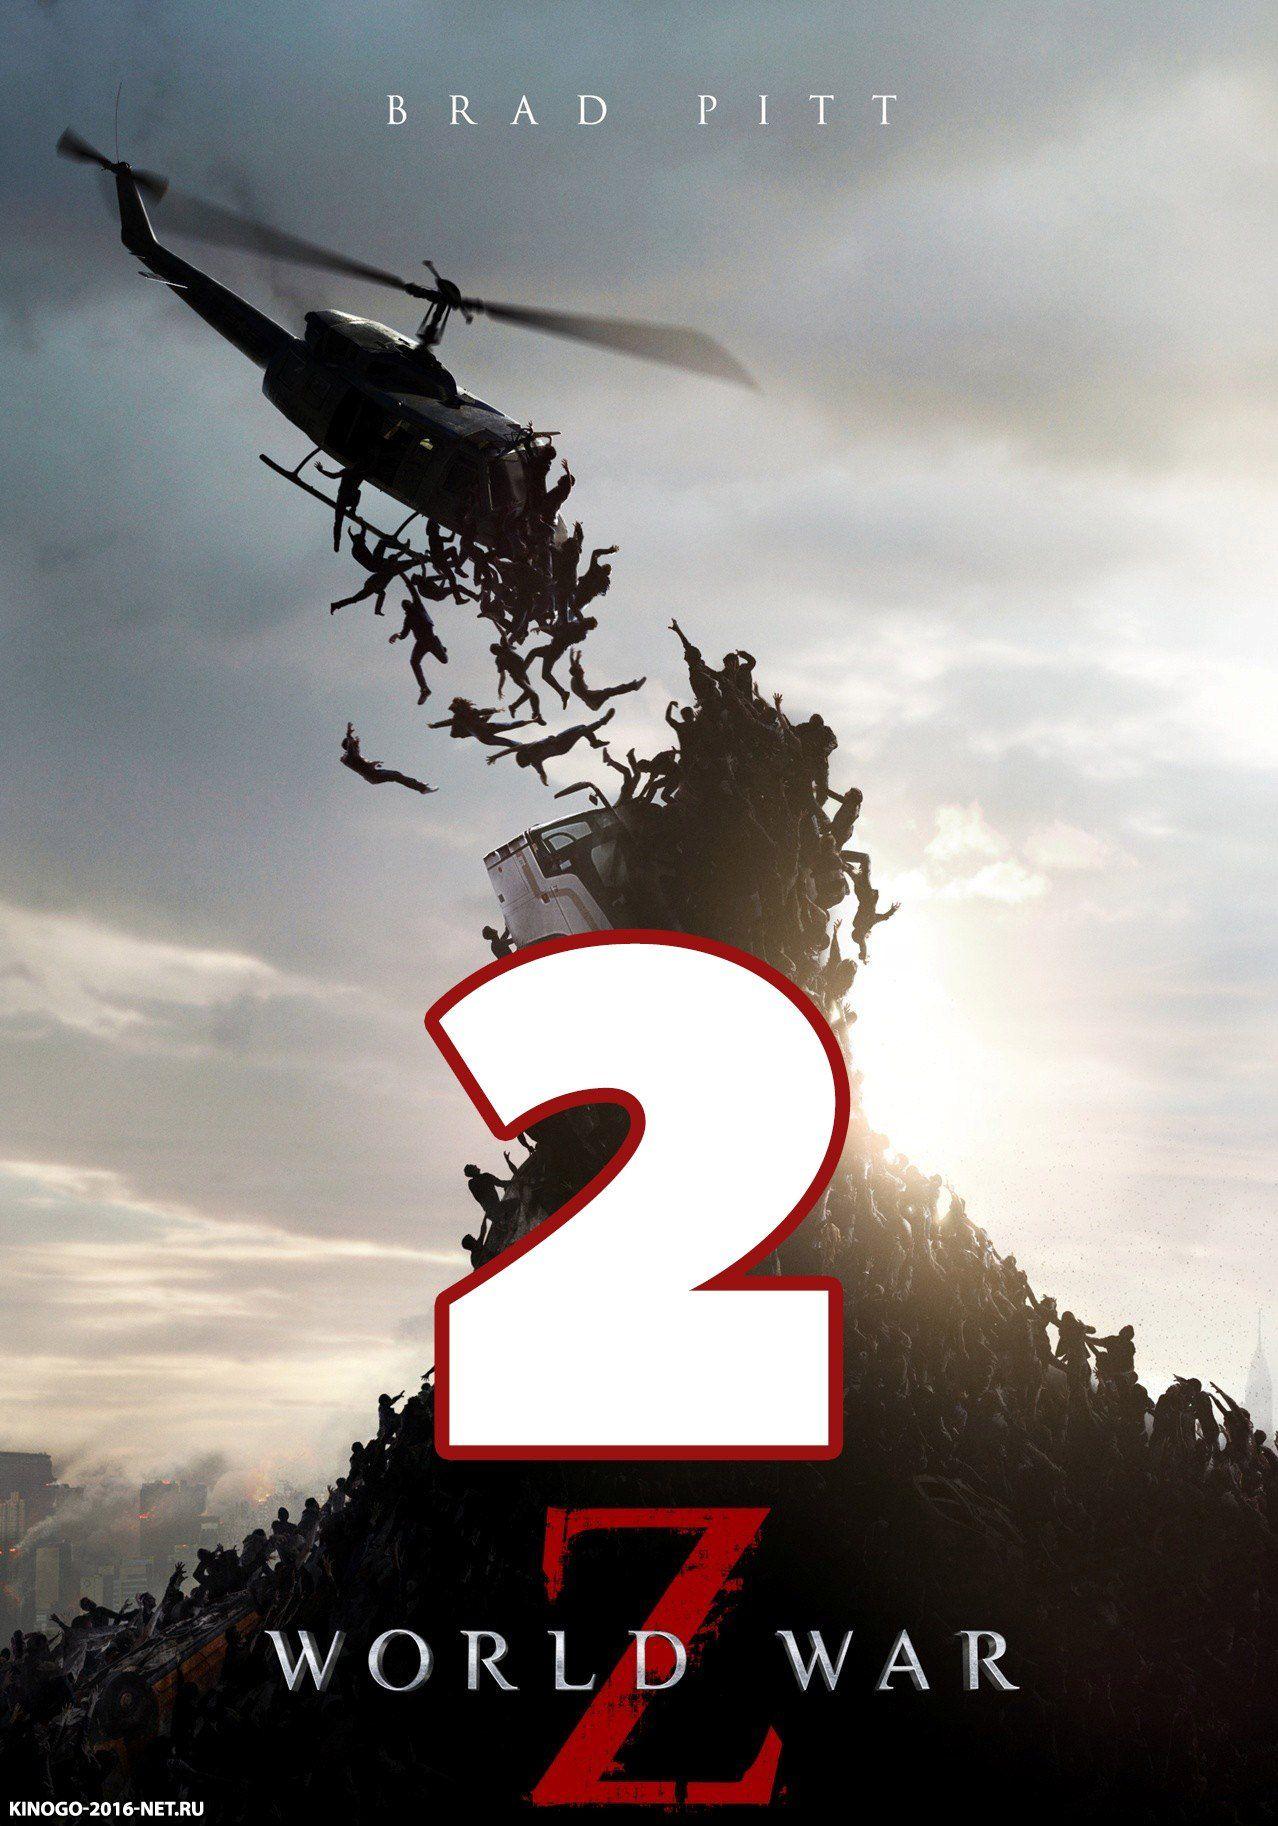 Фильм Война миров Z 2 2017 года | Фильмы, Война, Мир